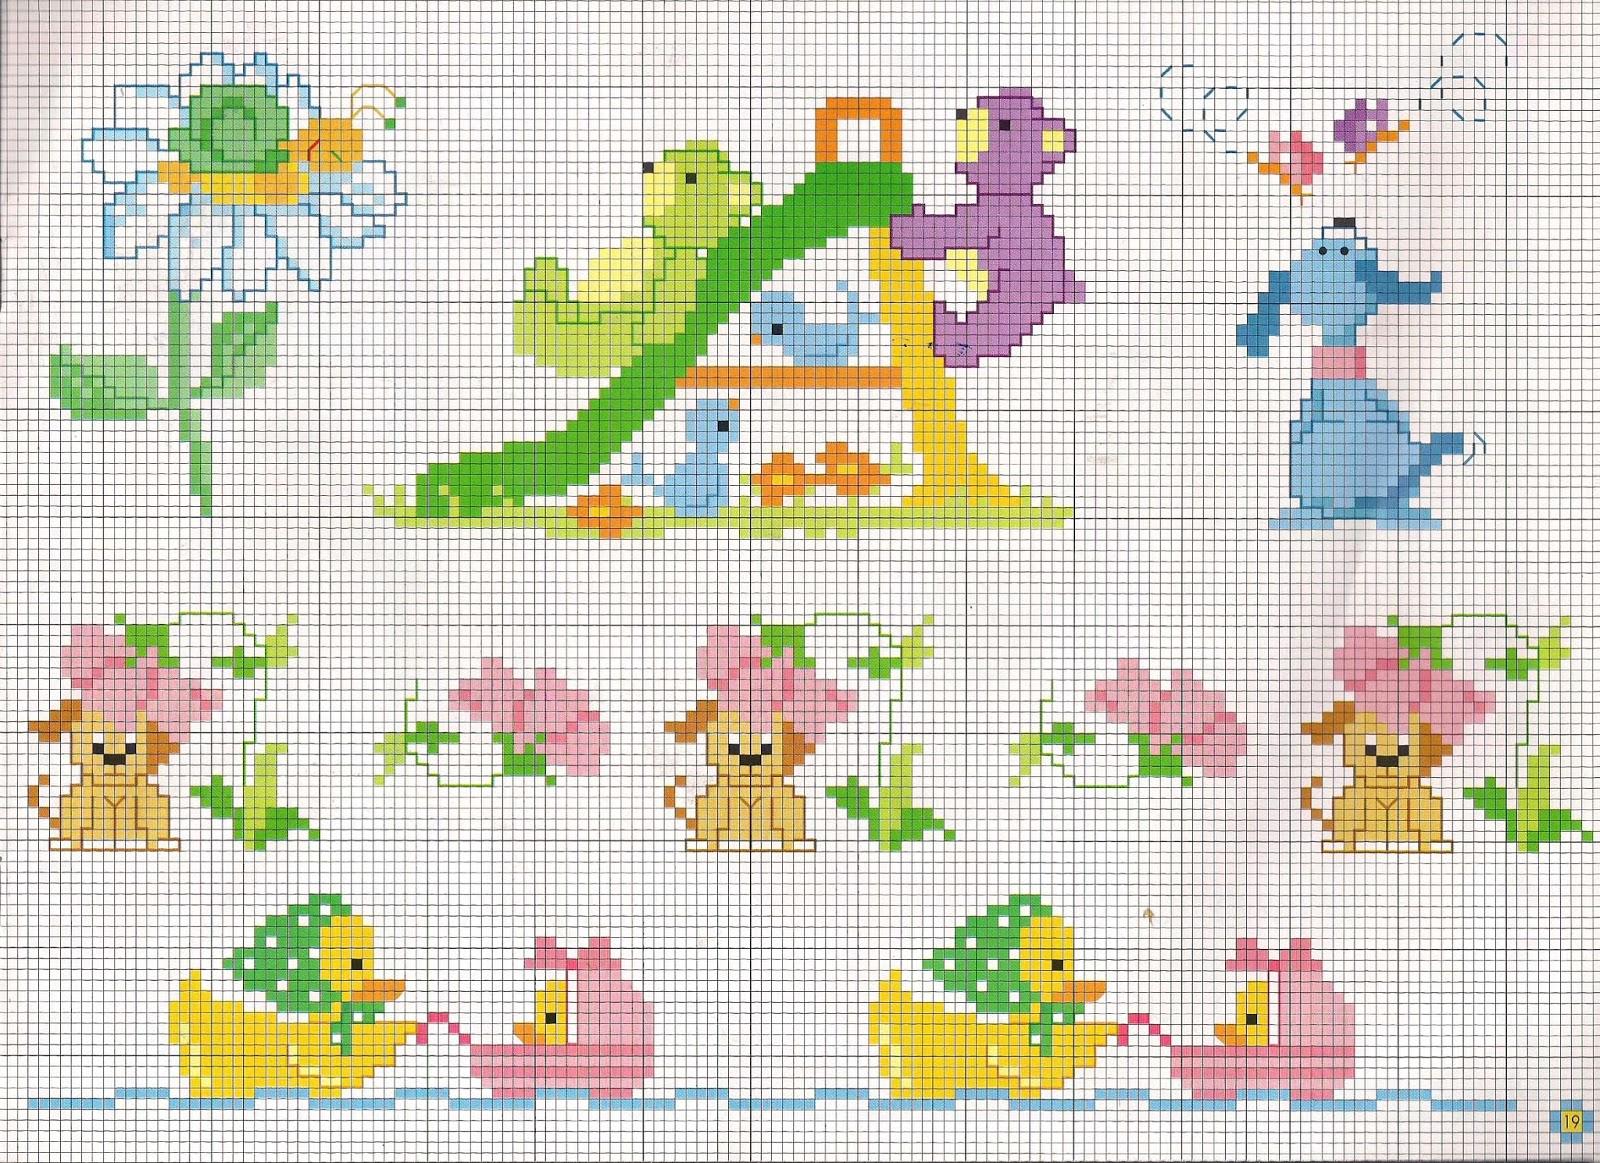 Schemi punto croce mani di fata gli schemi piu belli for Animali a punto croce per bambini